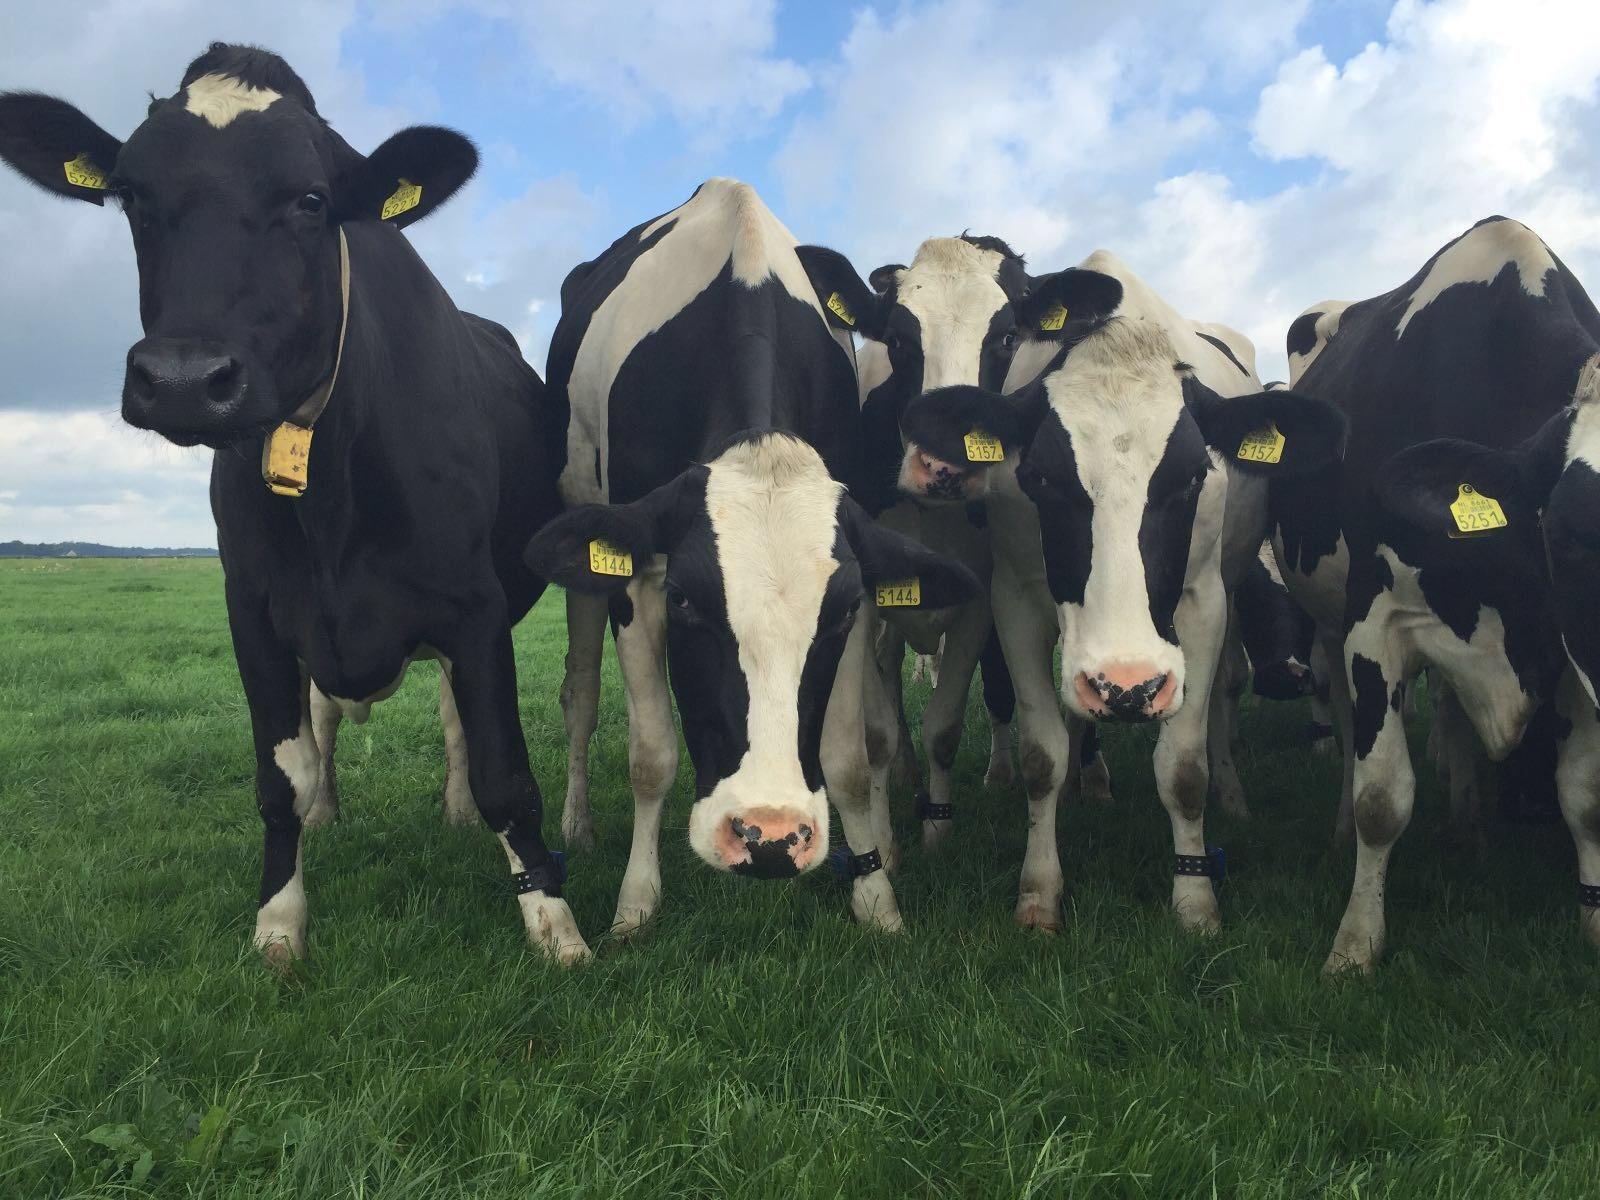 'Naar kringlooplandbouw: zo wil ik het aanpakken'